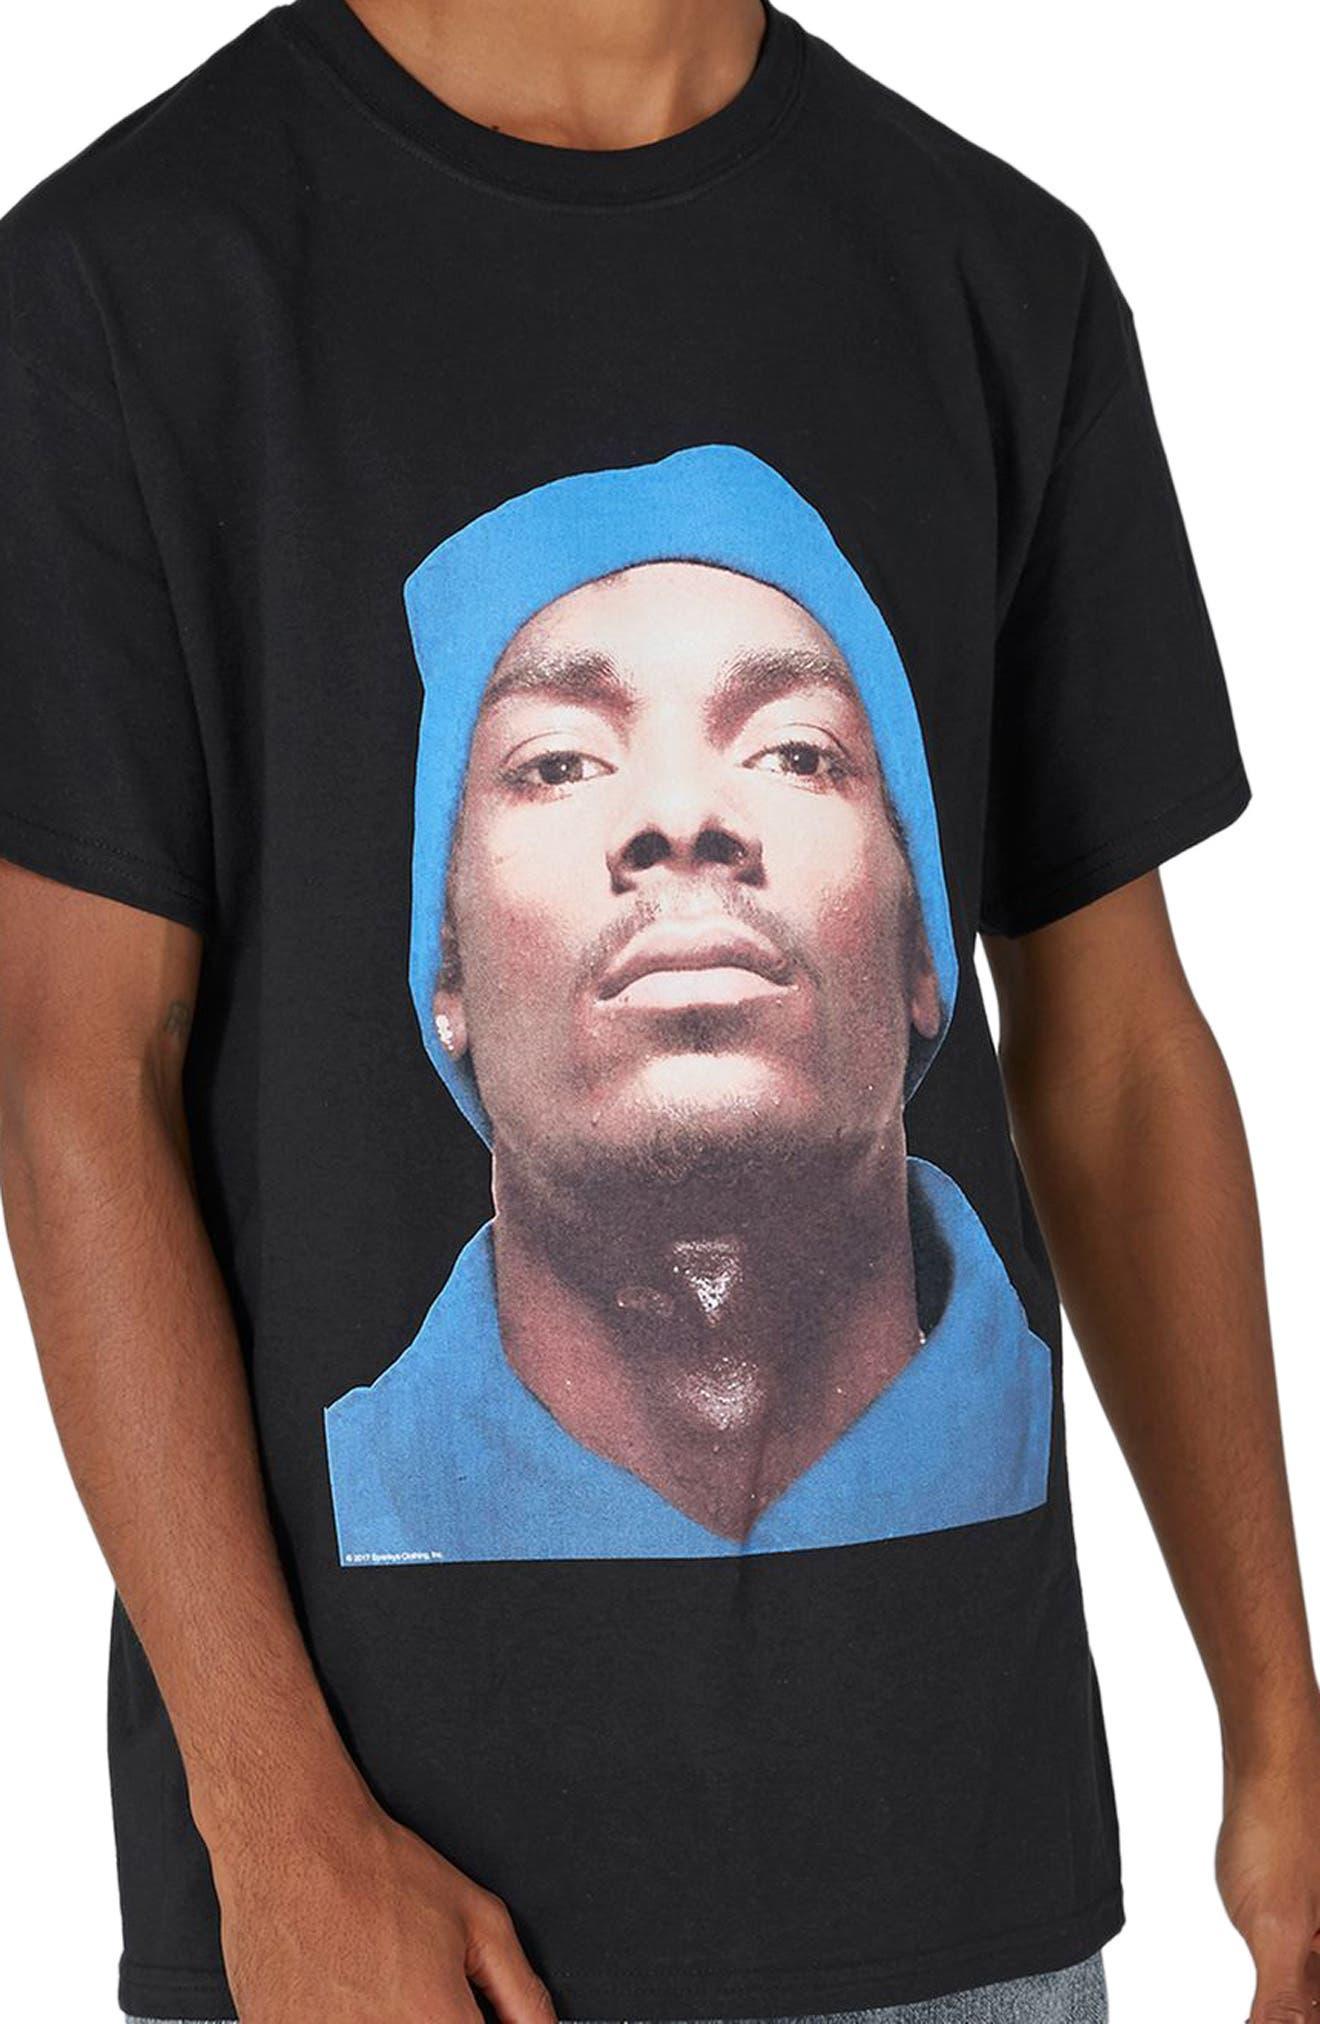 Snoop Dogg T-Shirt,                             Alternate thumbnail 3, color,                             Black Multi